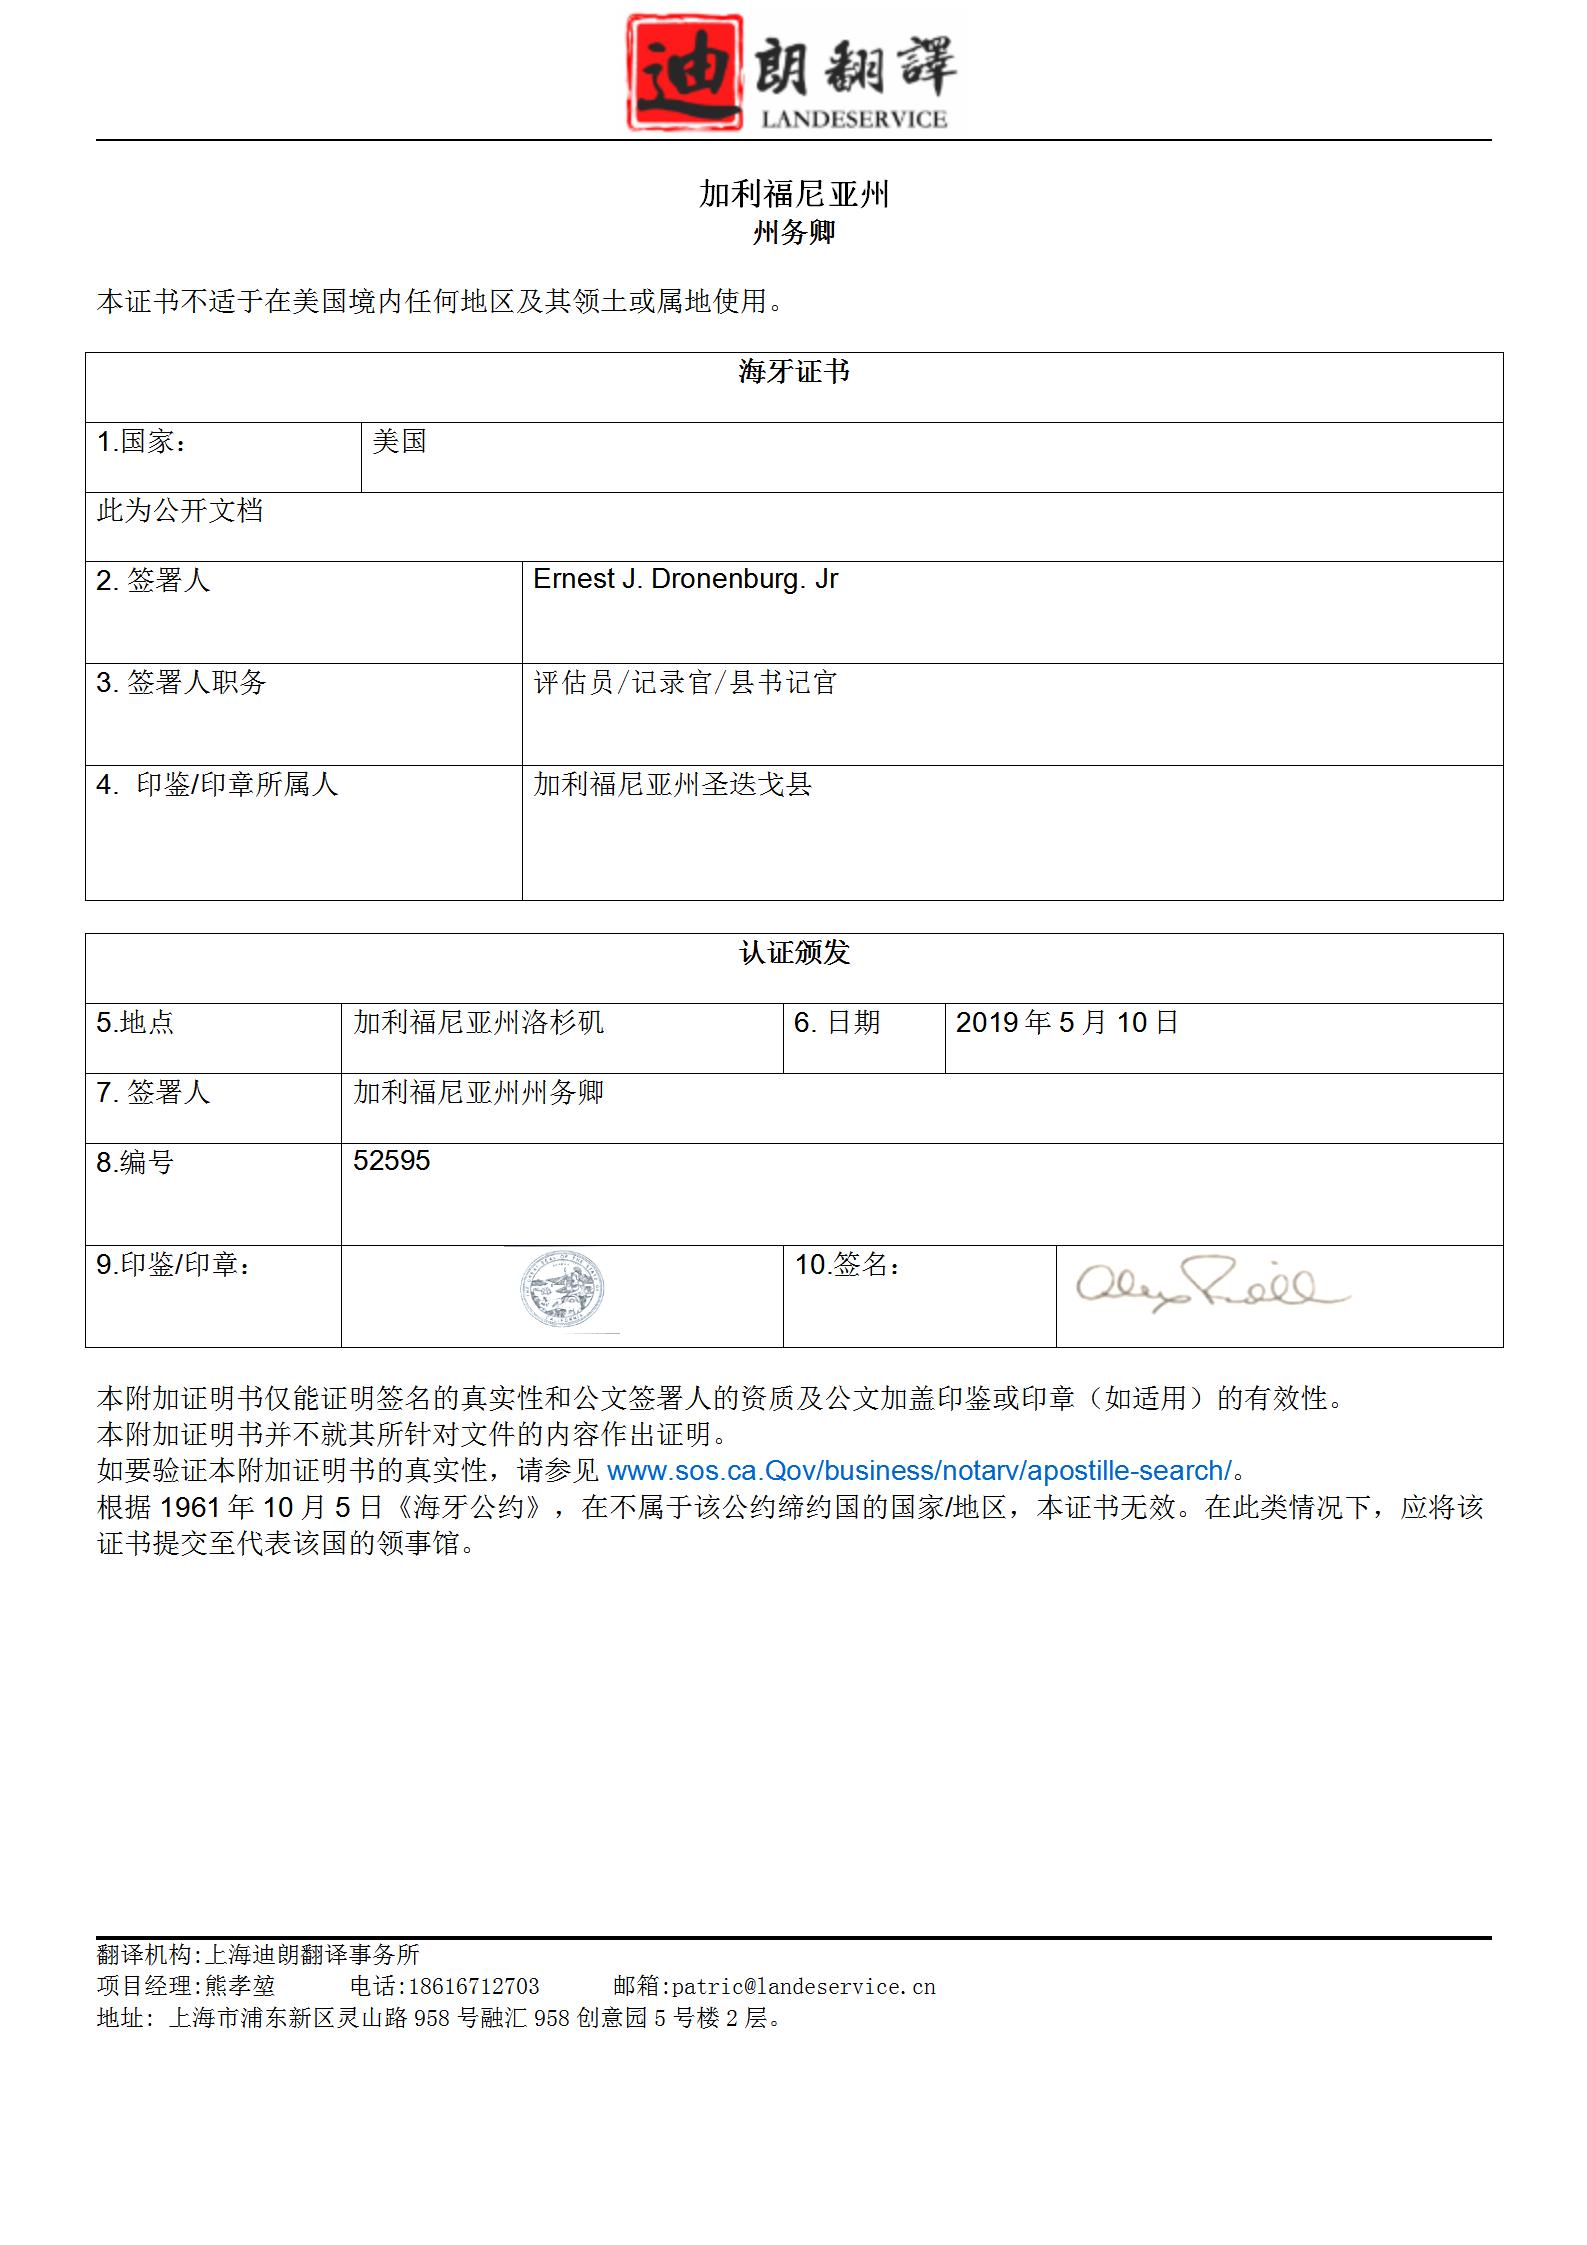 海牙证书 译文 01 - 美国海牙认证书翻译盖章